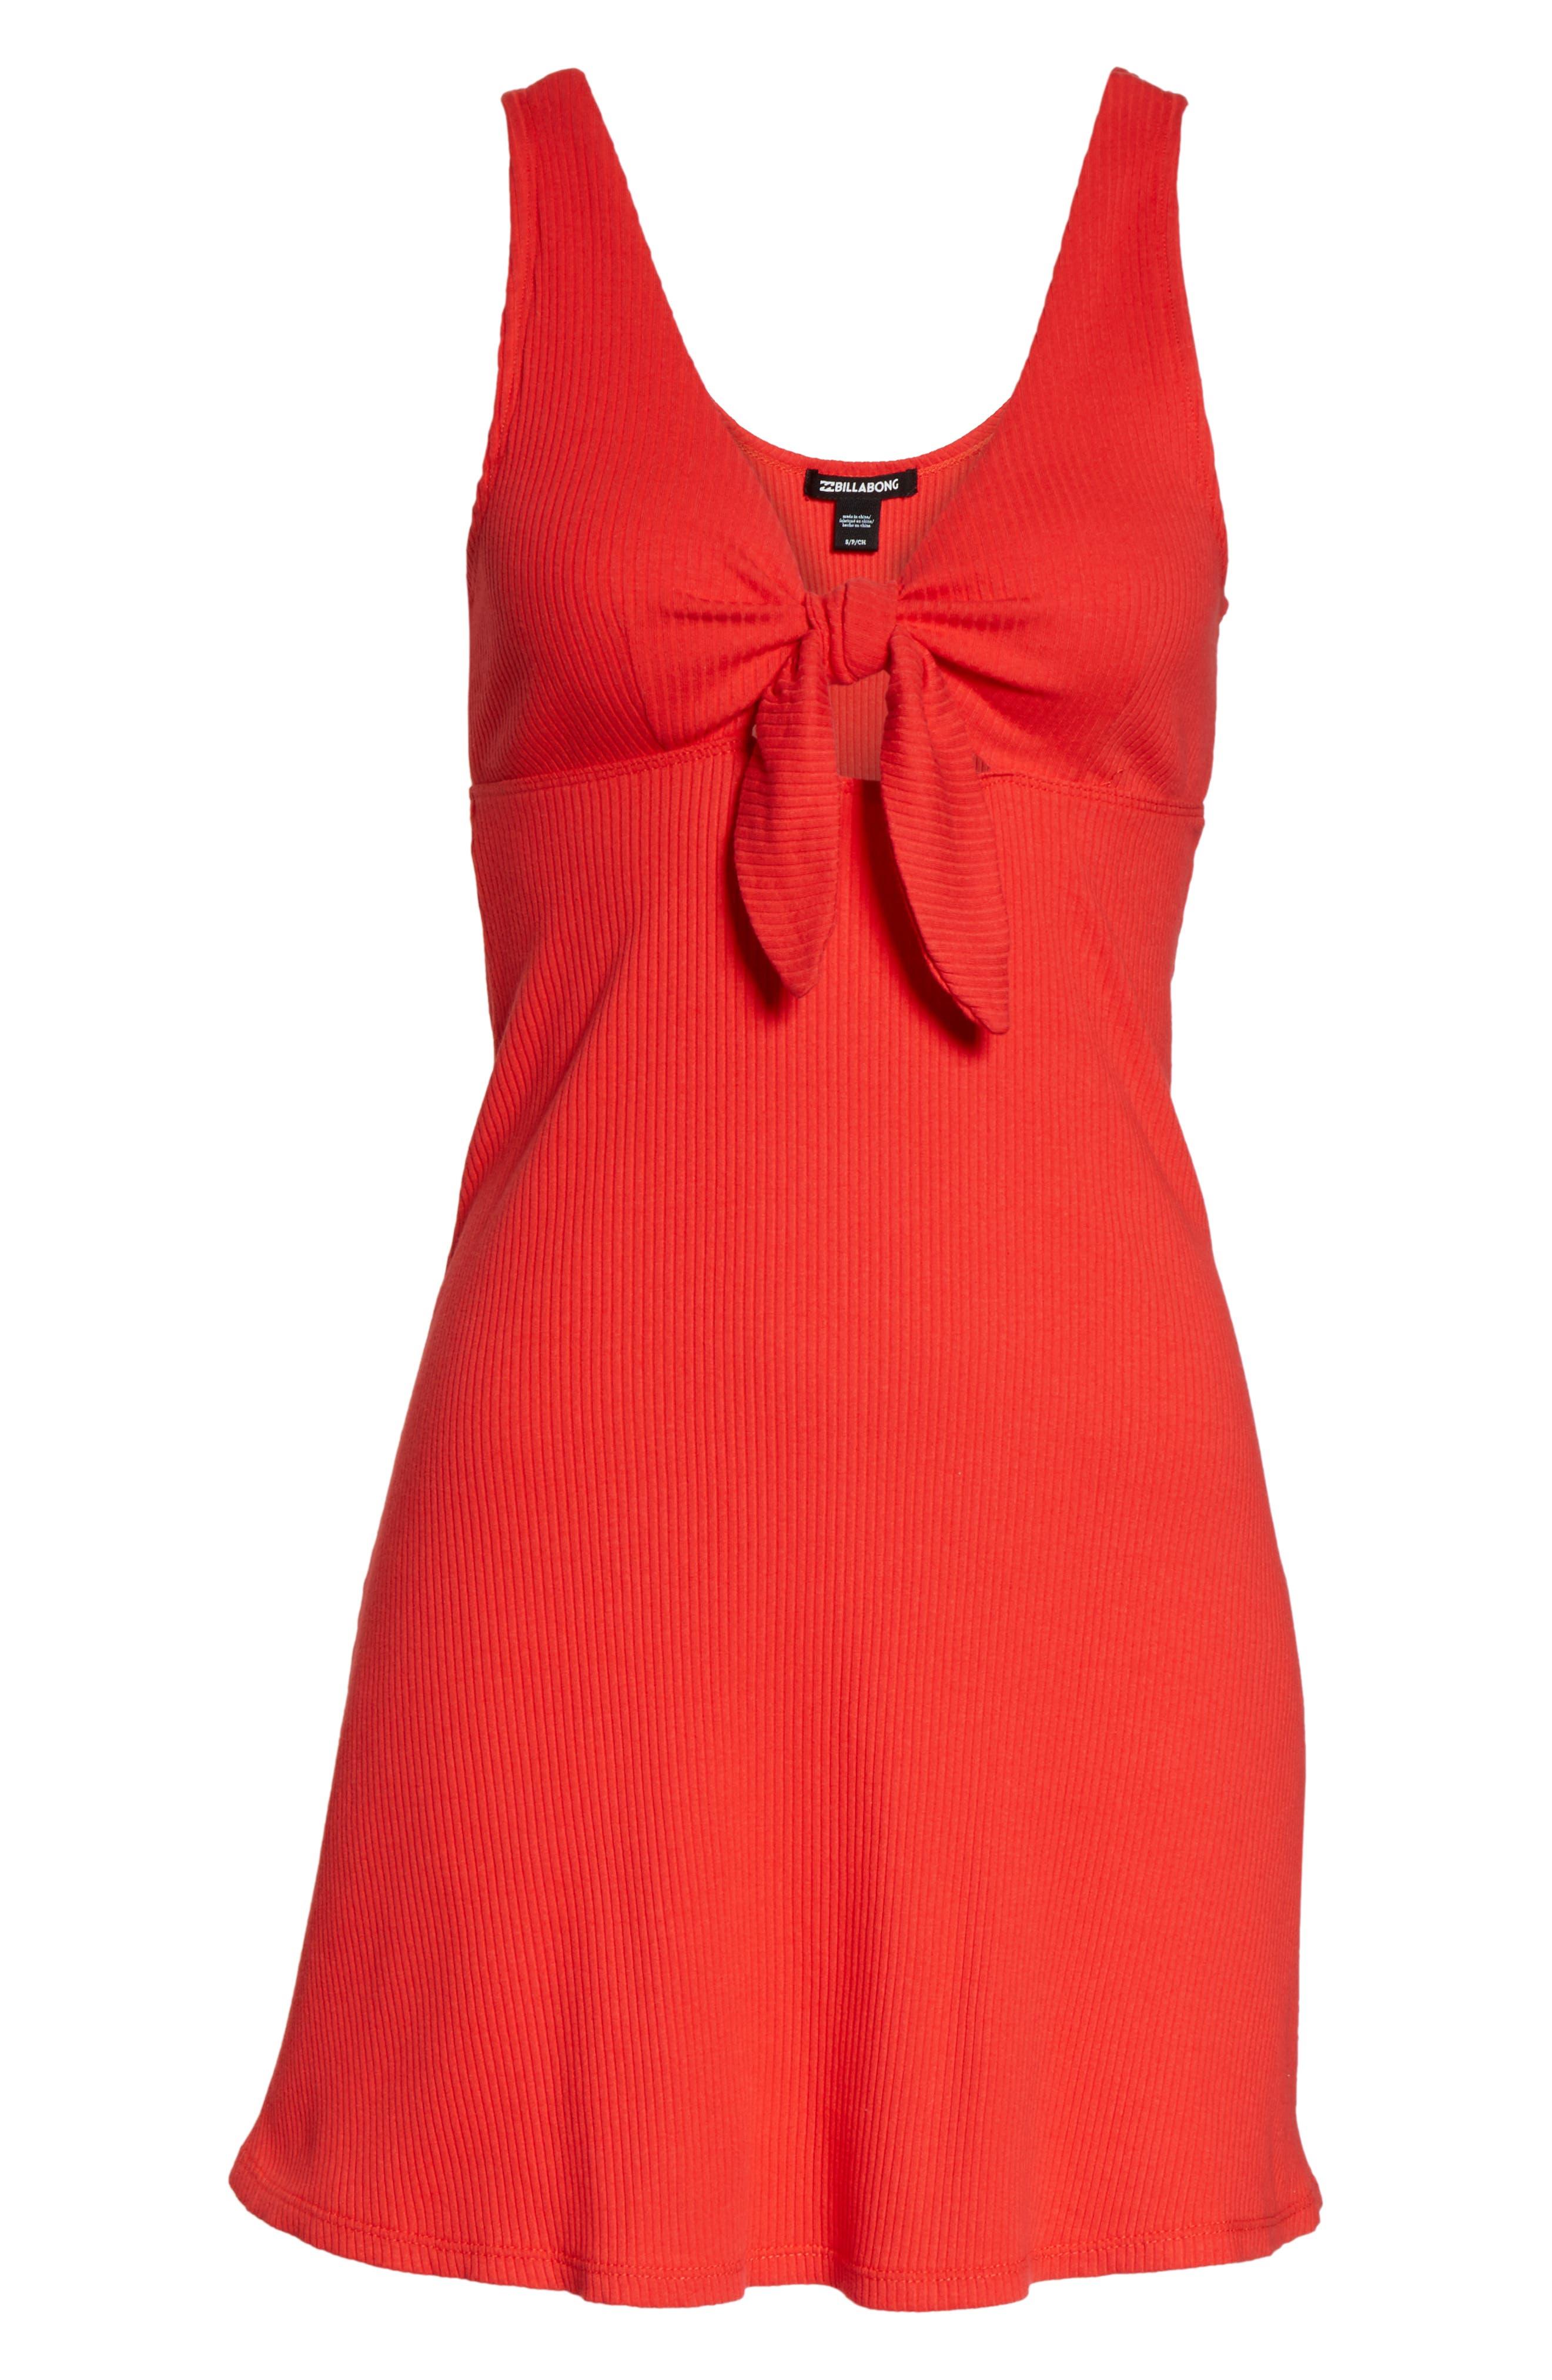 BILLABONG, Hola Holiday Cutout Minidress, Alternate thumbnail 5, color, SUNSET RED